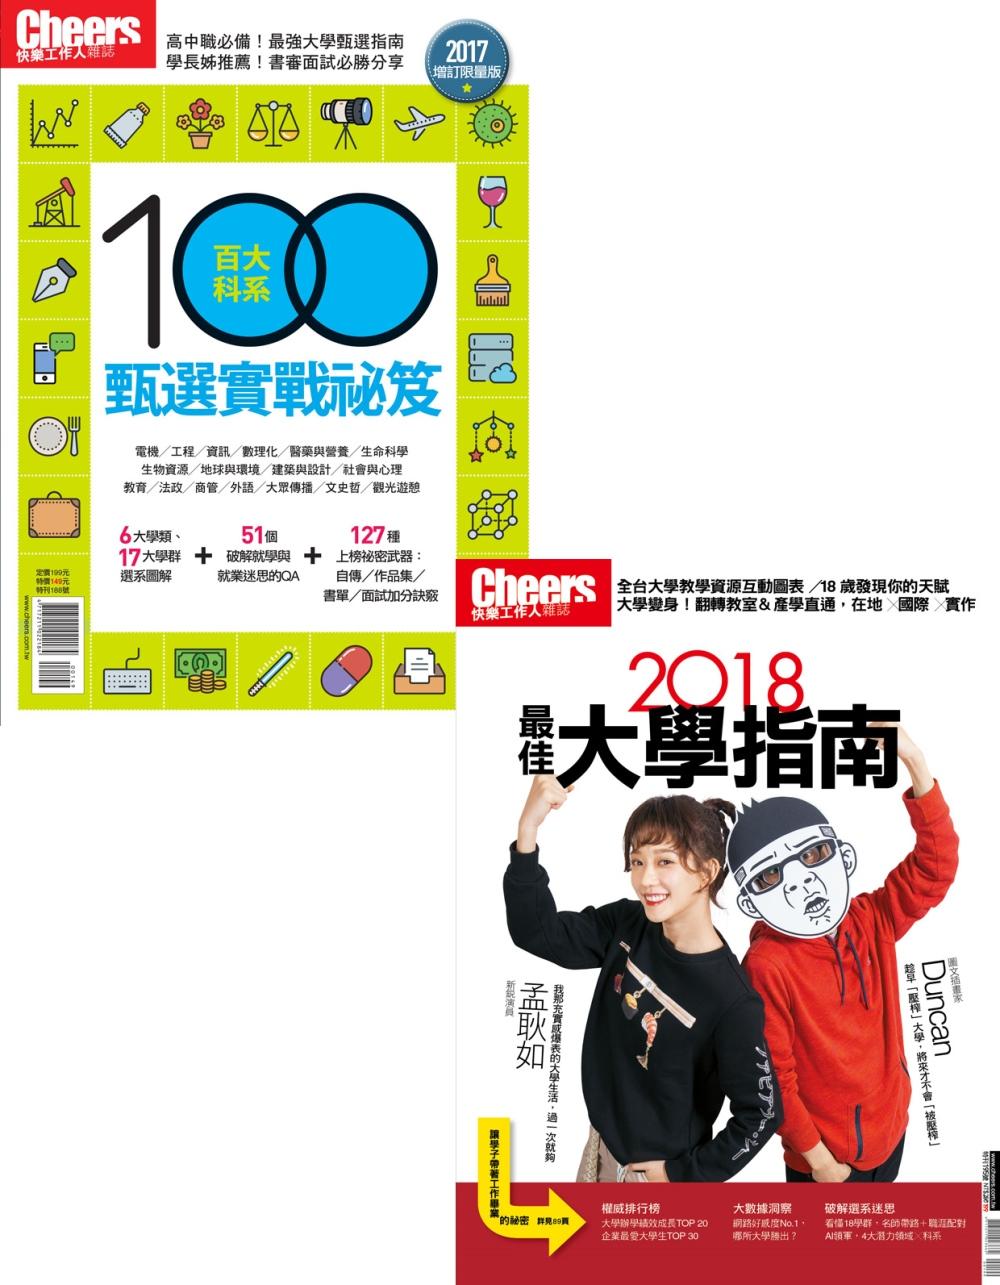 Cheers快樂工作人 :2018最佳大學指南+百大科系甄選實戰秘笈(2017珍藏版) 套刊